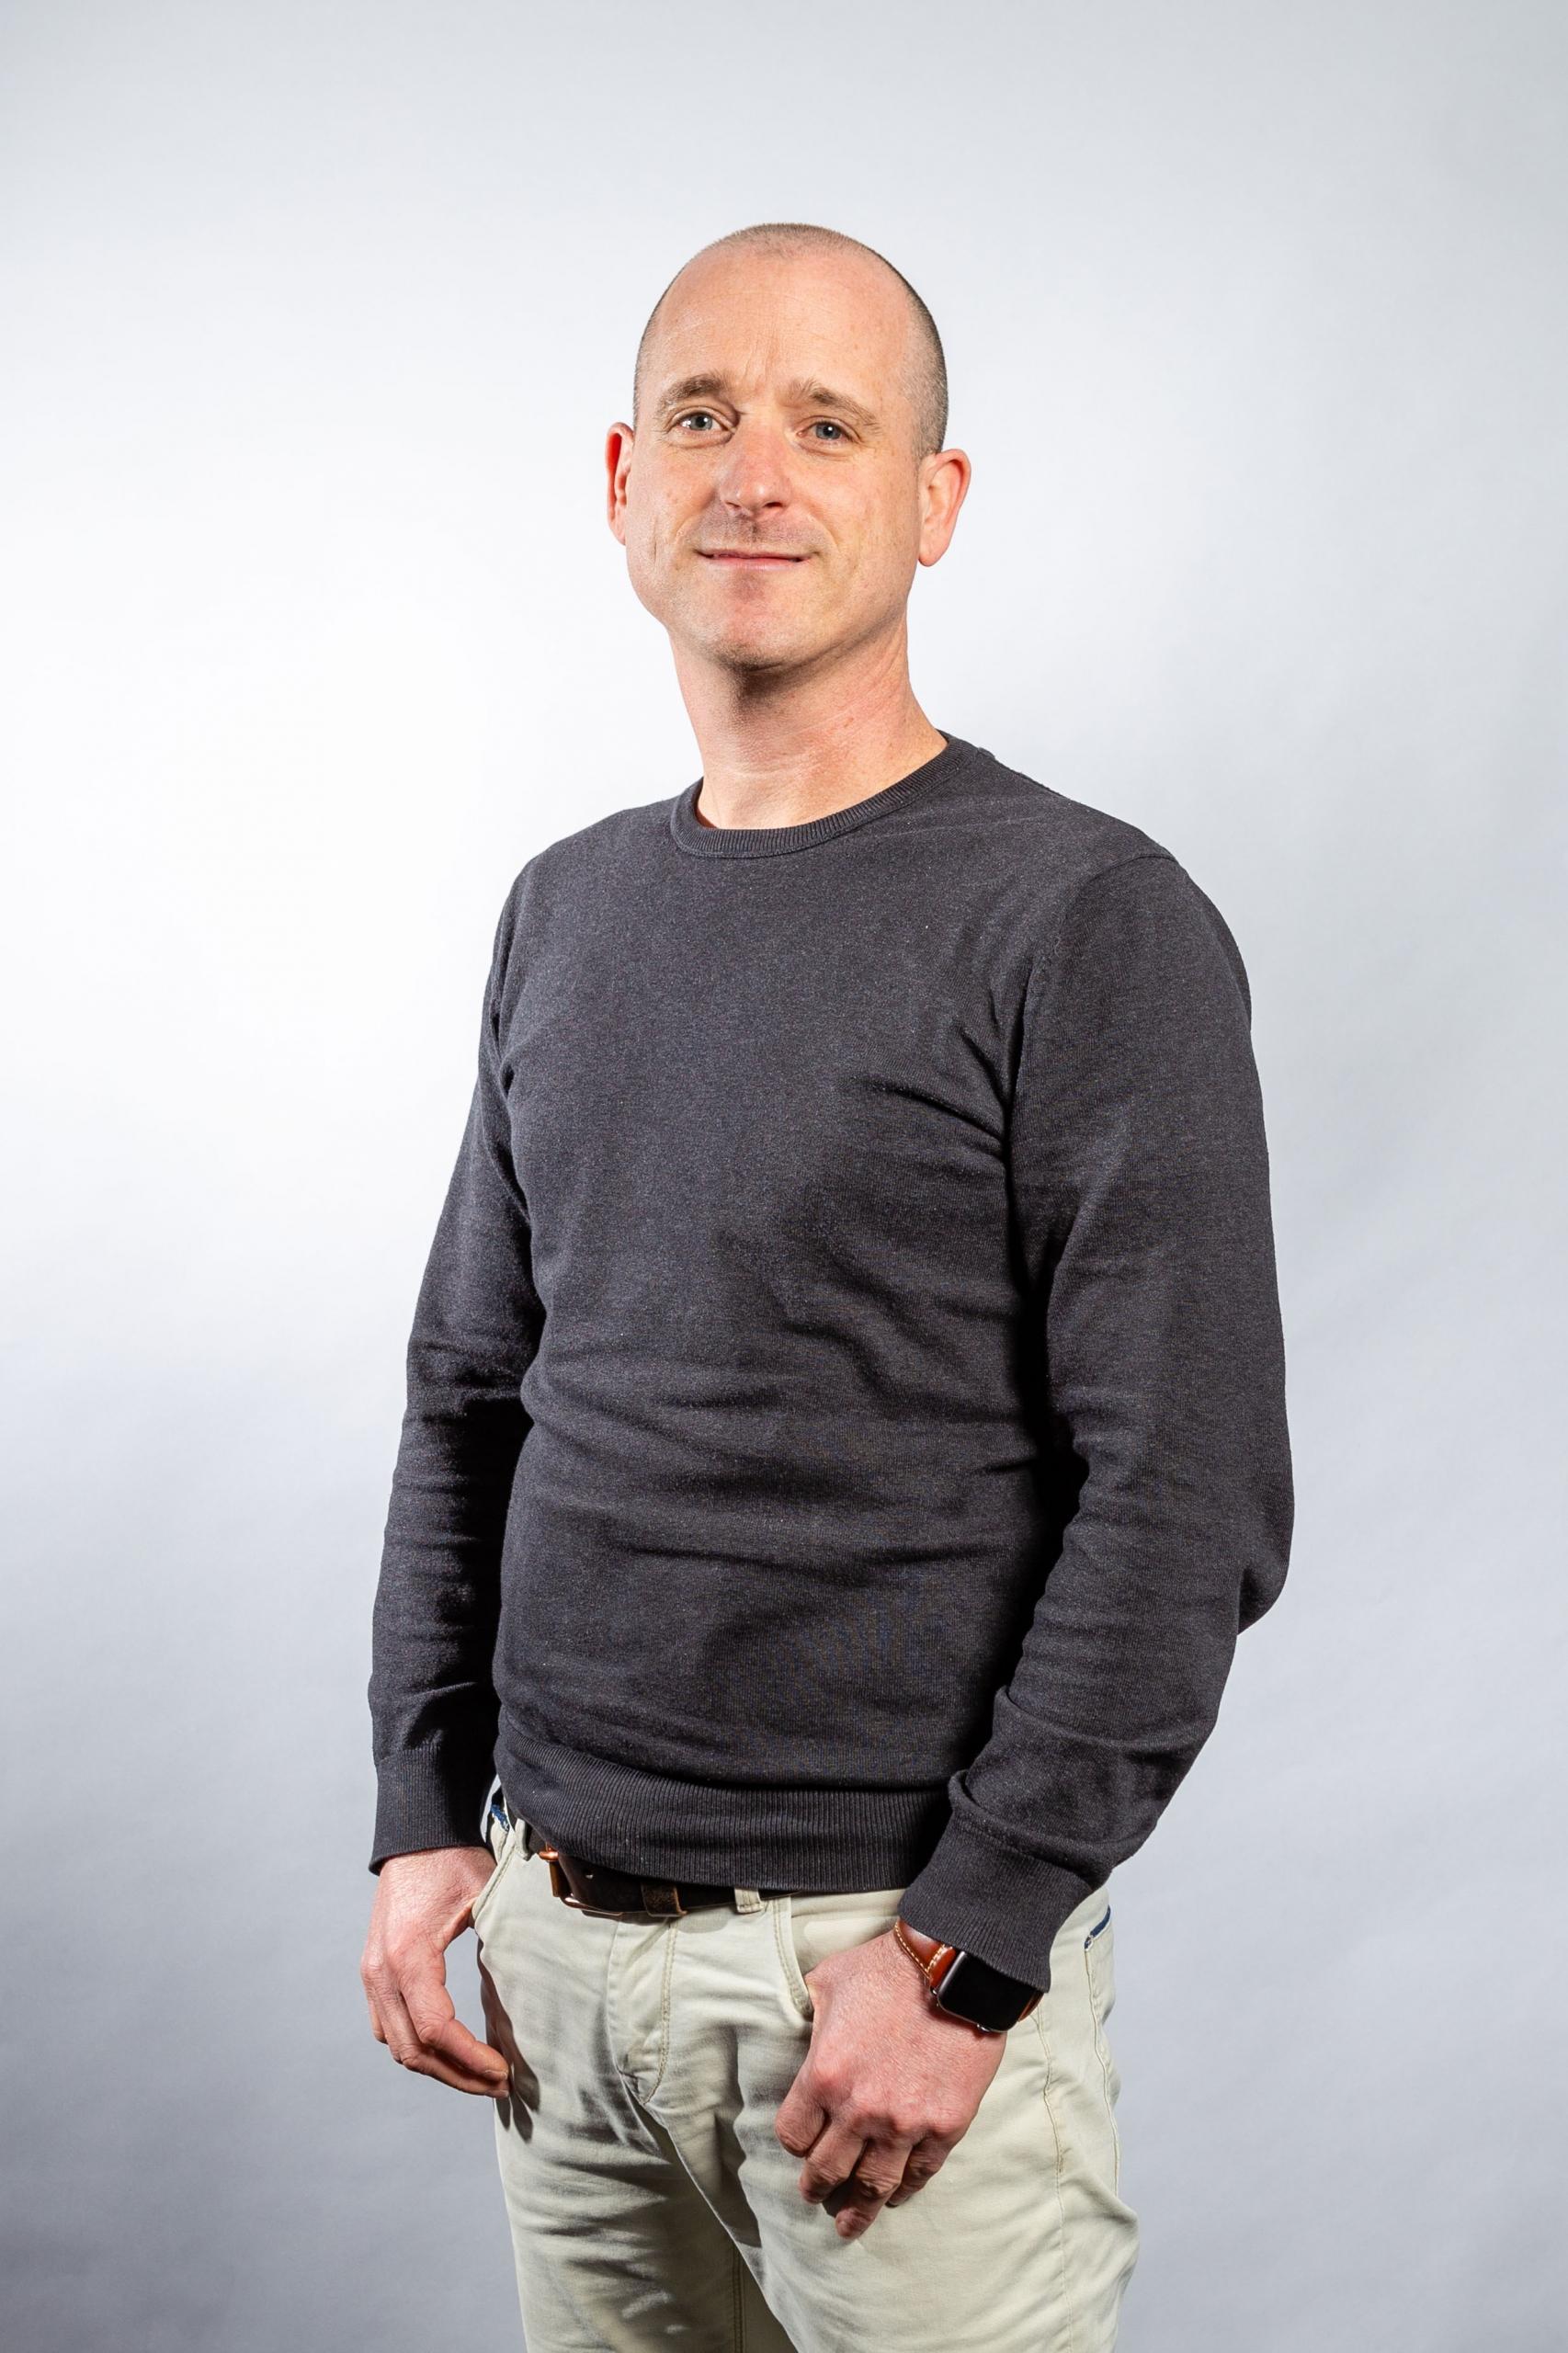 Stephan Merks